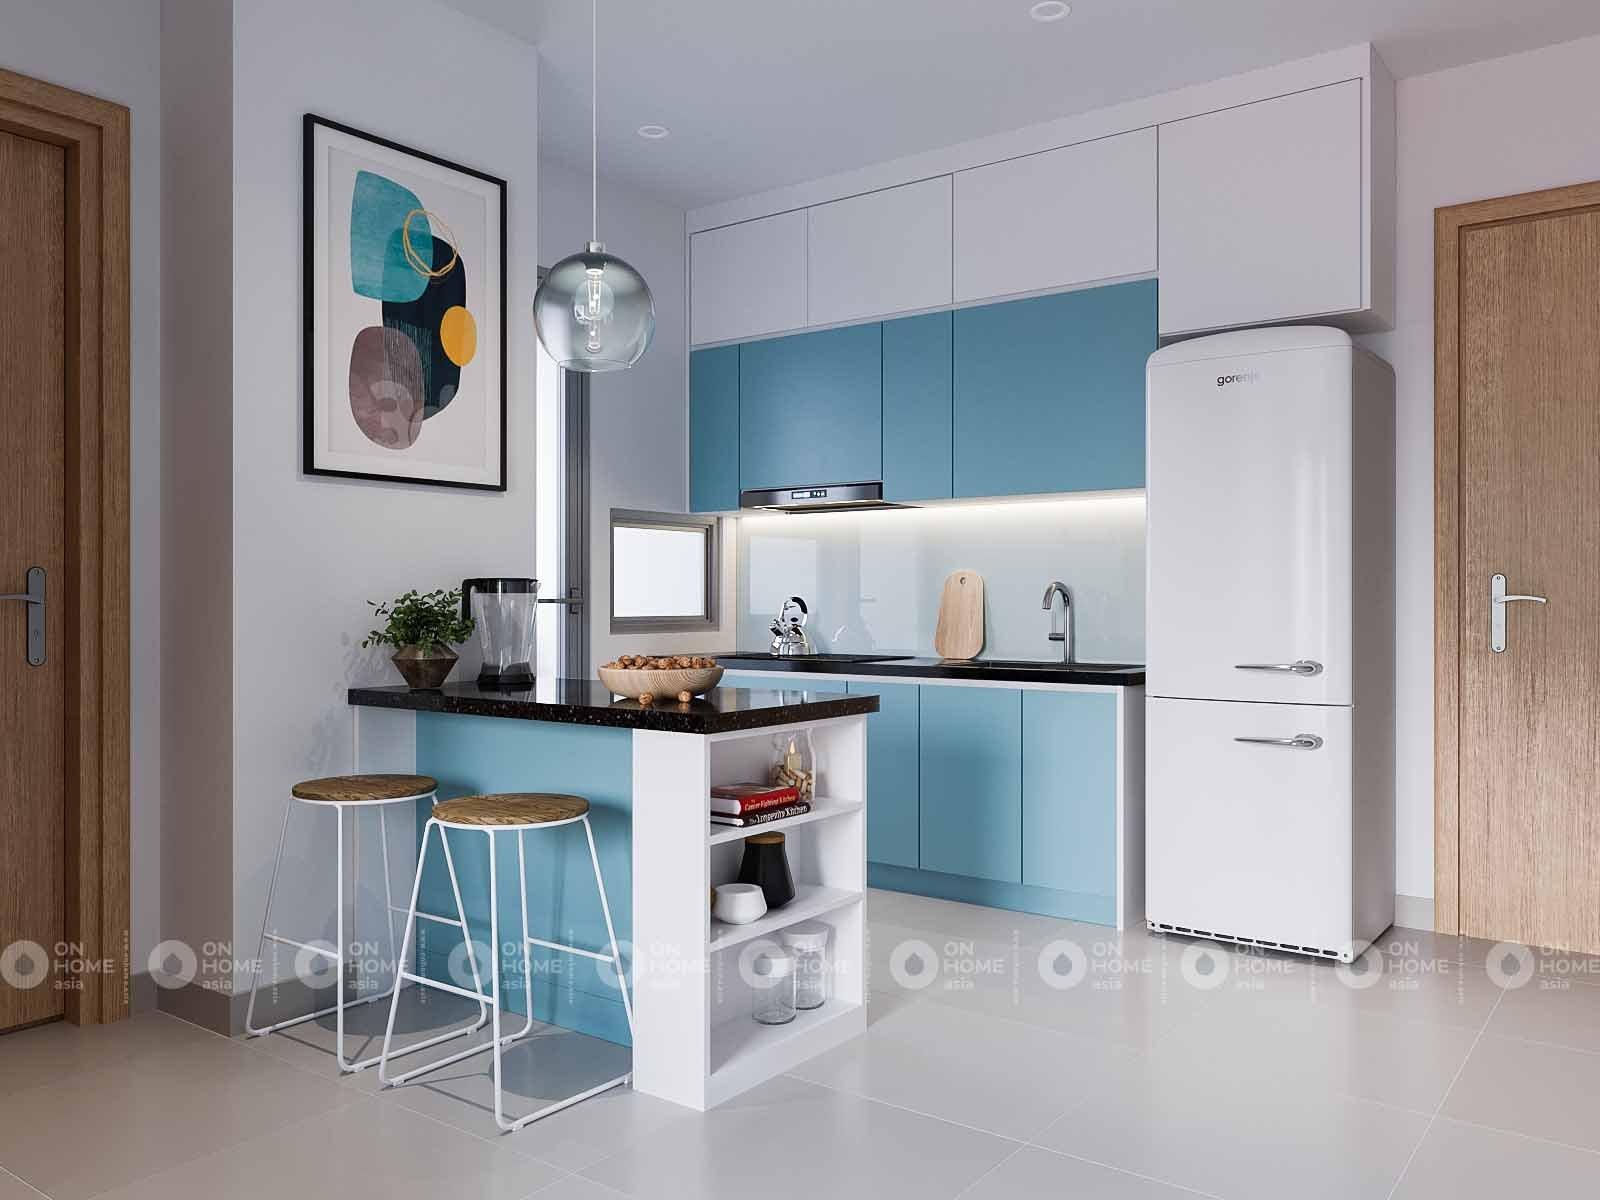 thiết kế nội thất nhà bếp hiện đại căn hộ compass one